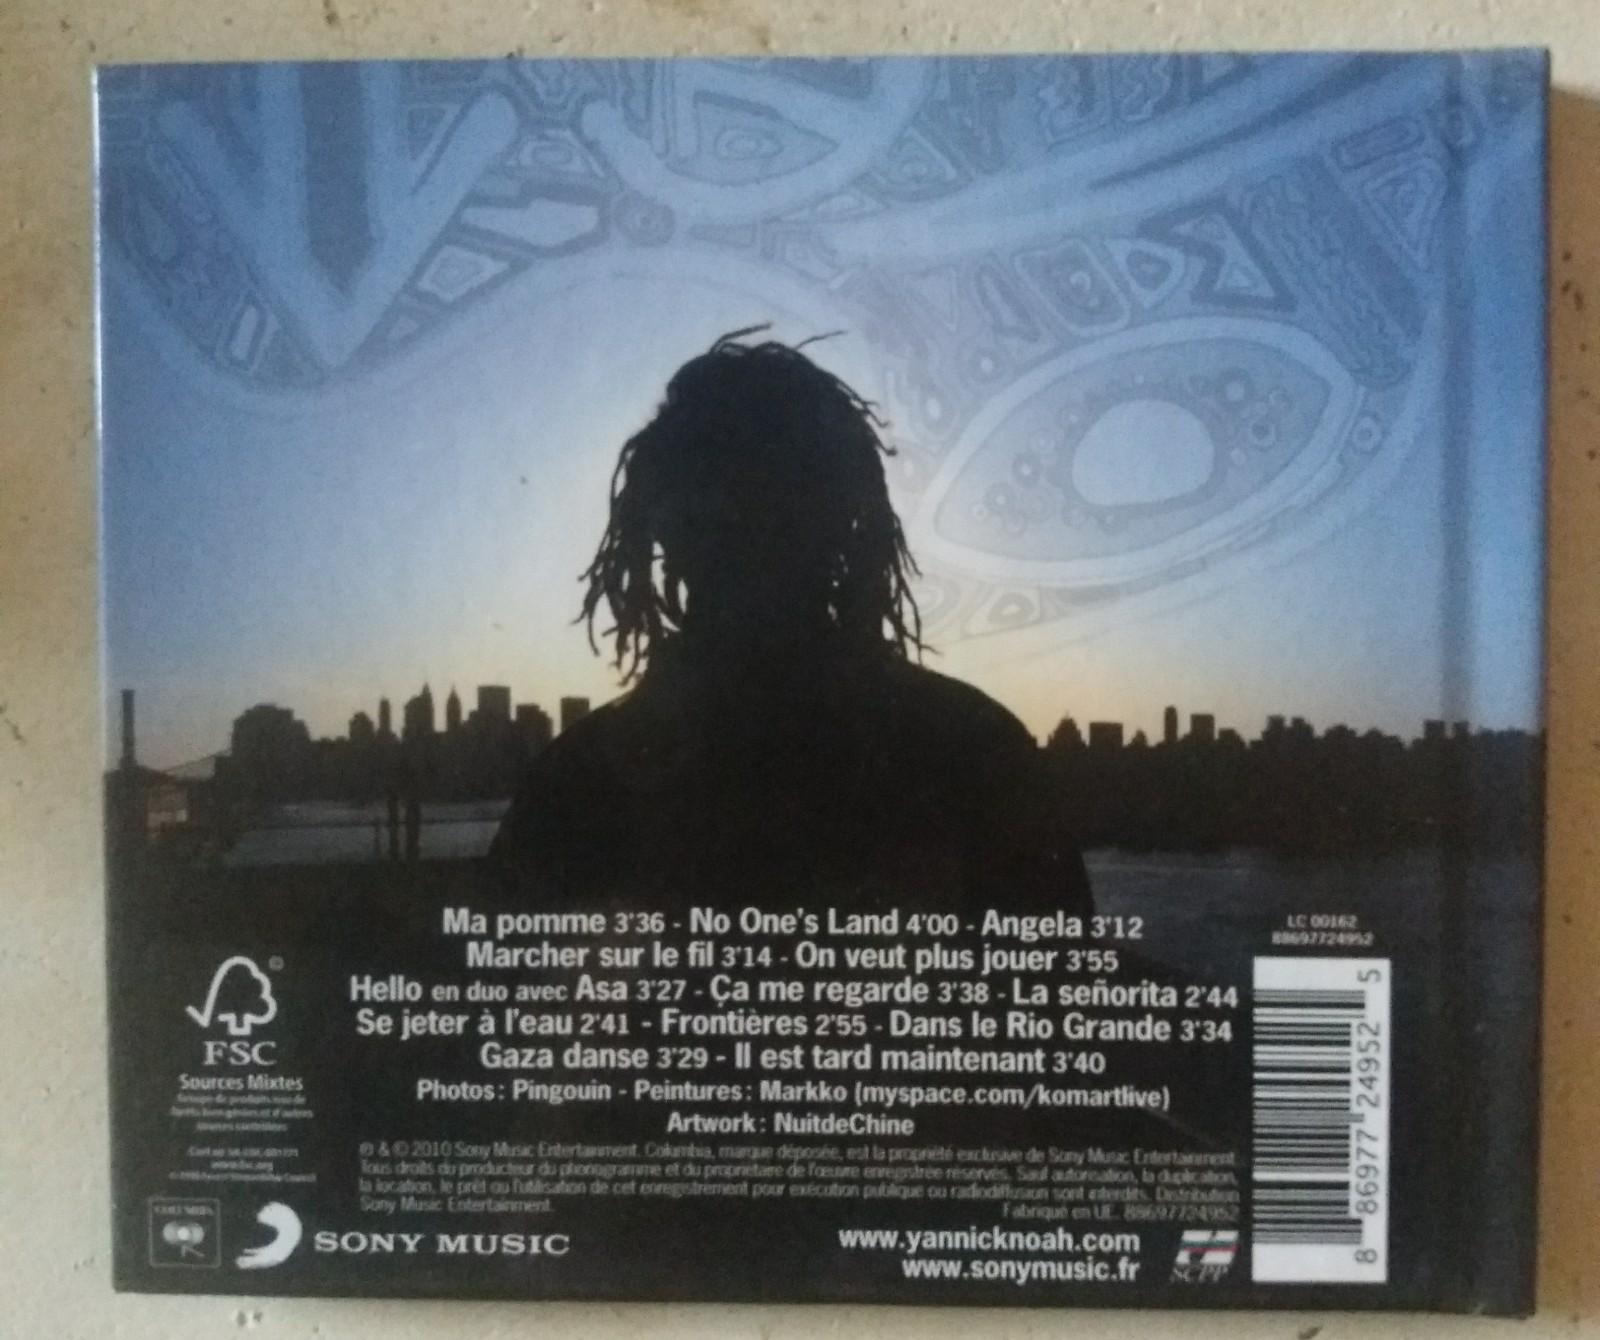 troc de troc cd yannick noah image 1